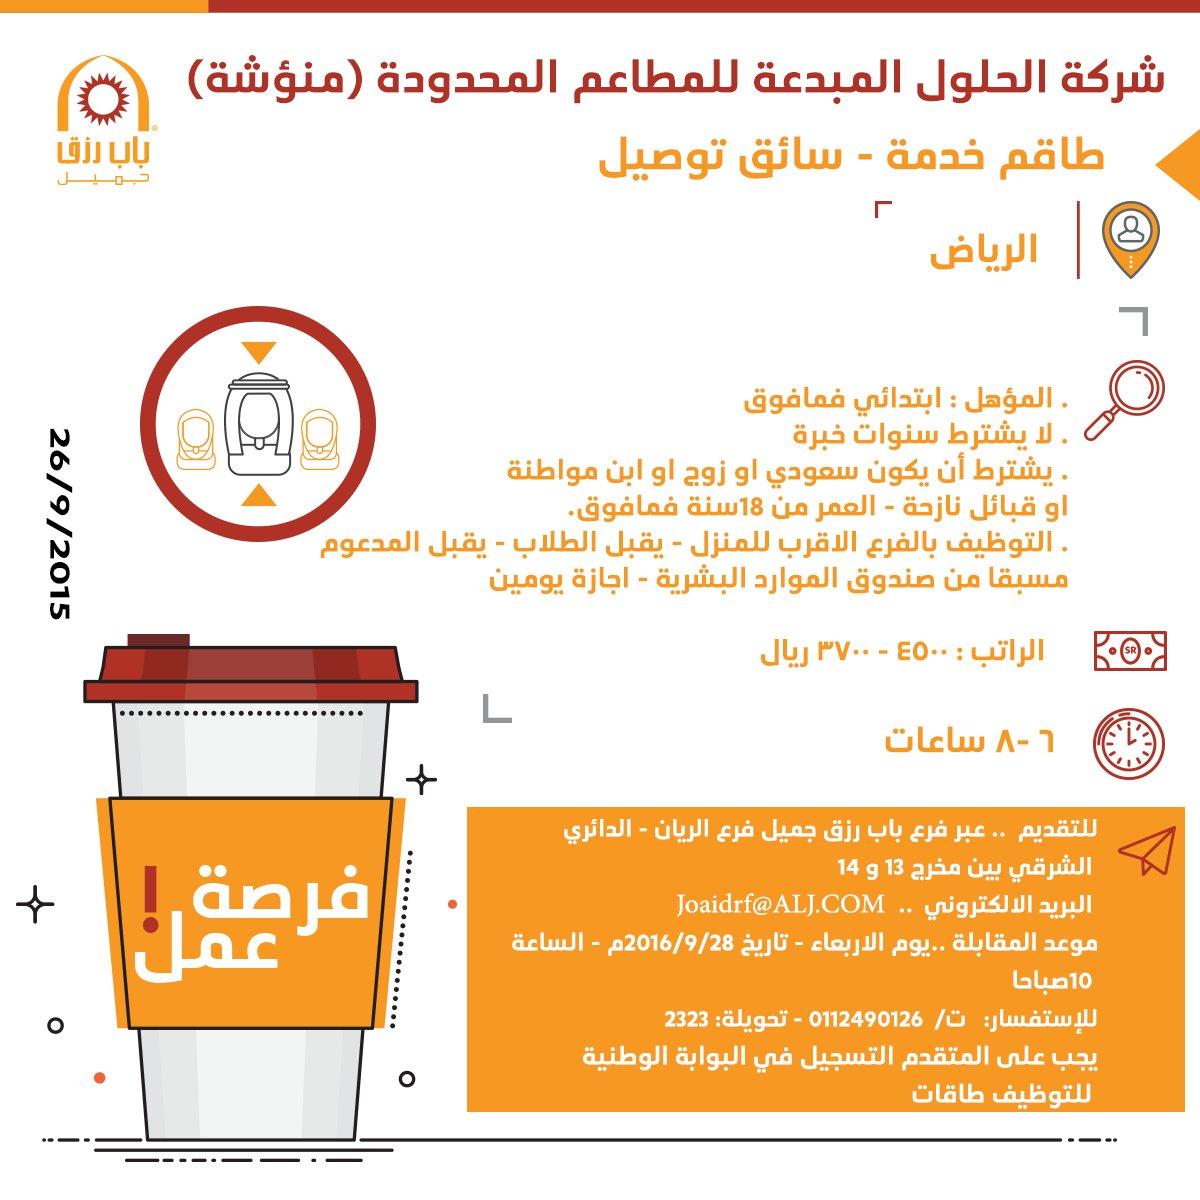 غدا الأربعاء التقديم على وظائف في شركة الحلول المبدعة للمطاعم المحدودة - الرياض